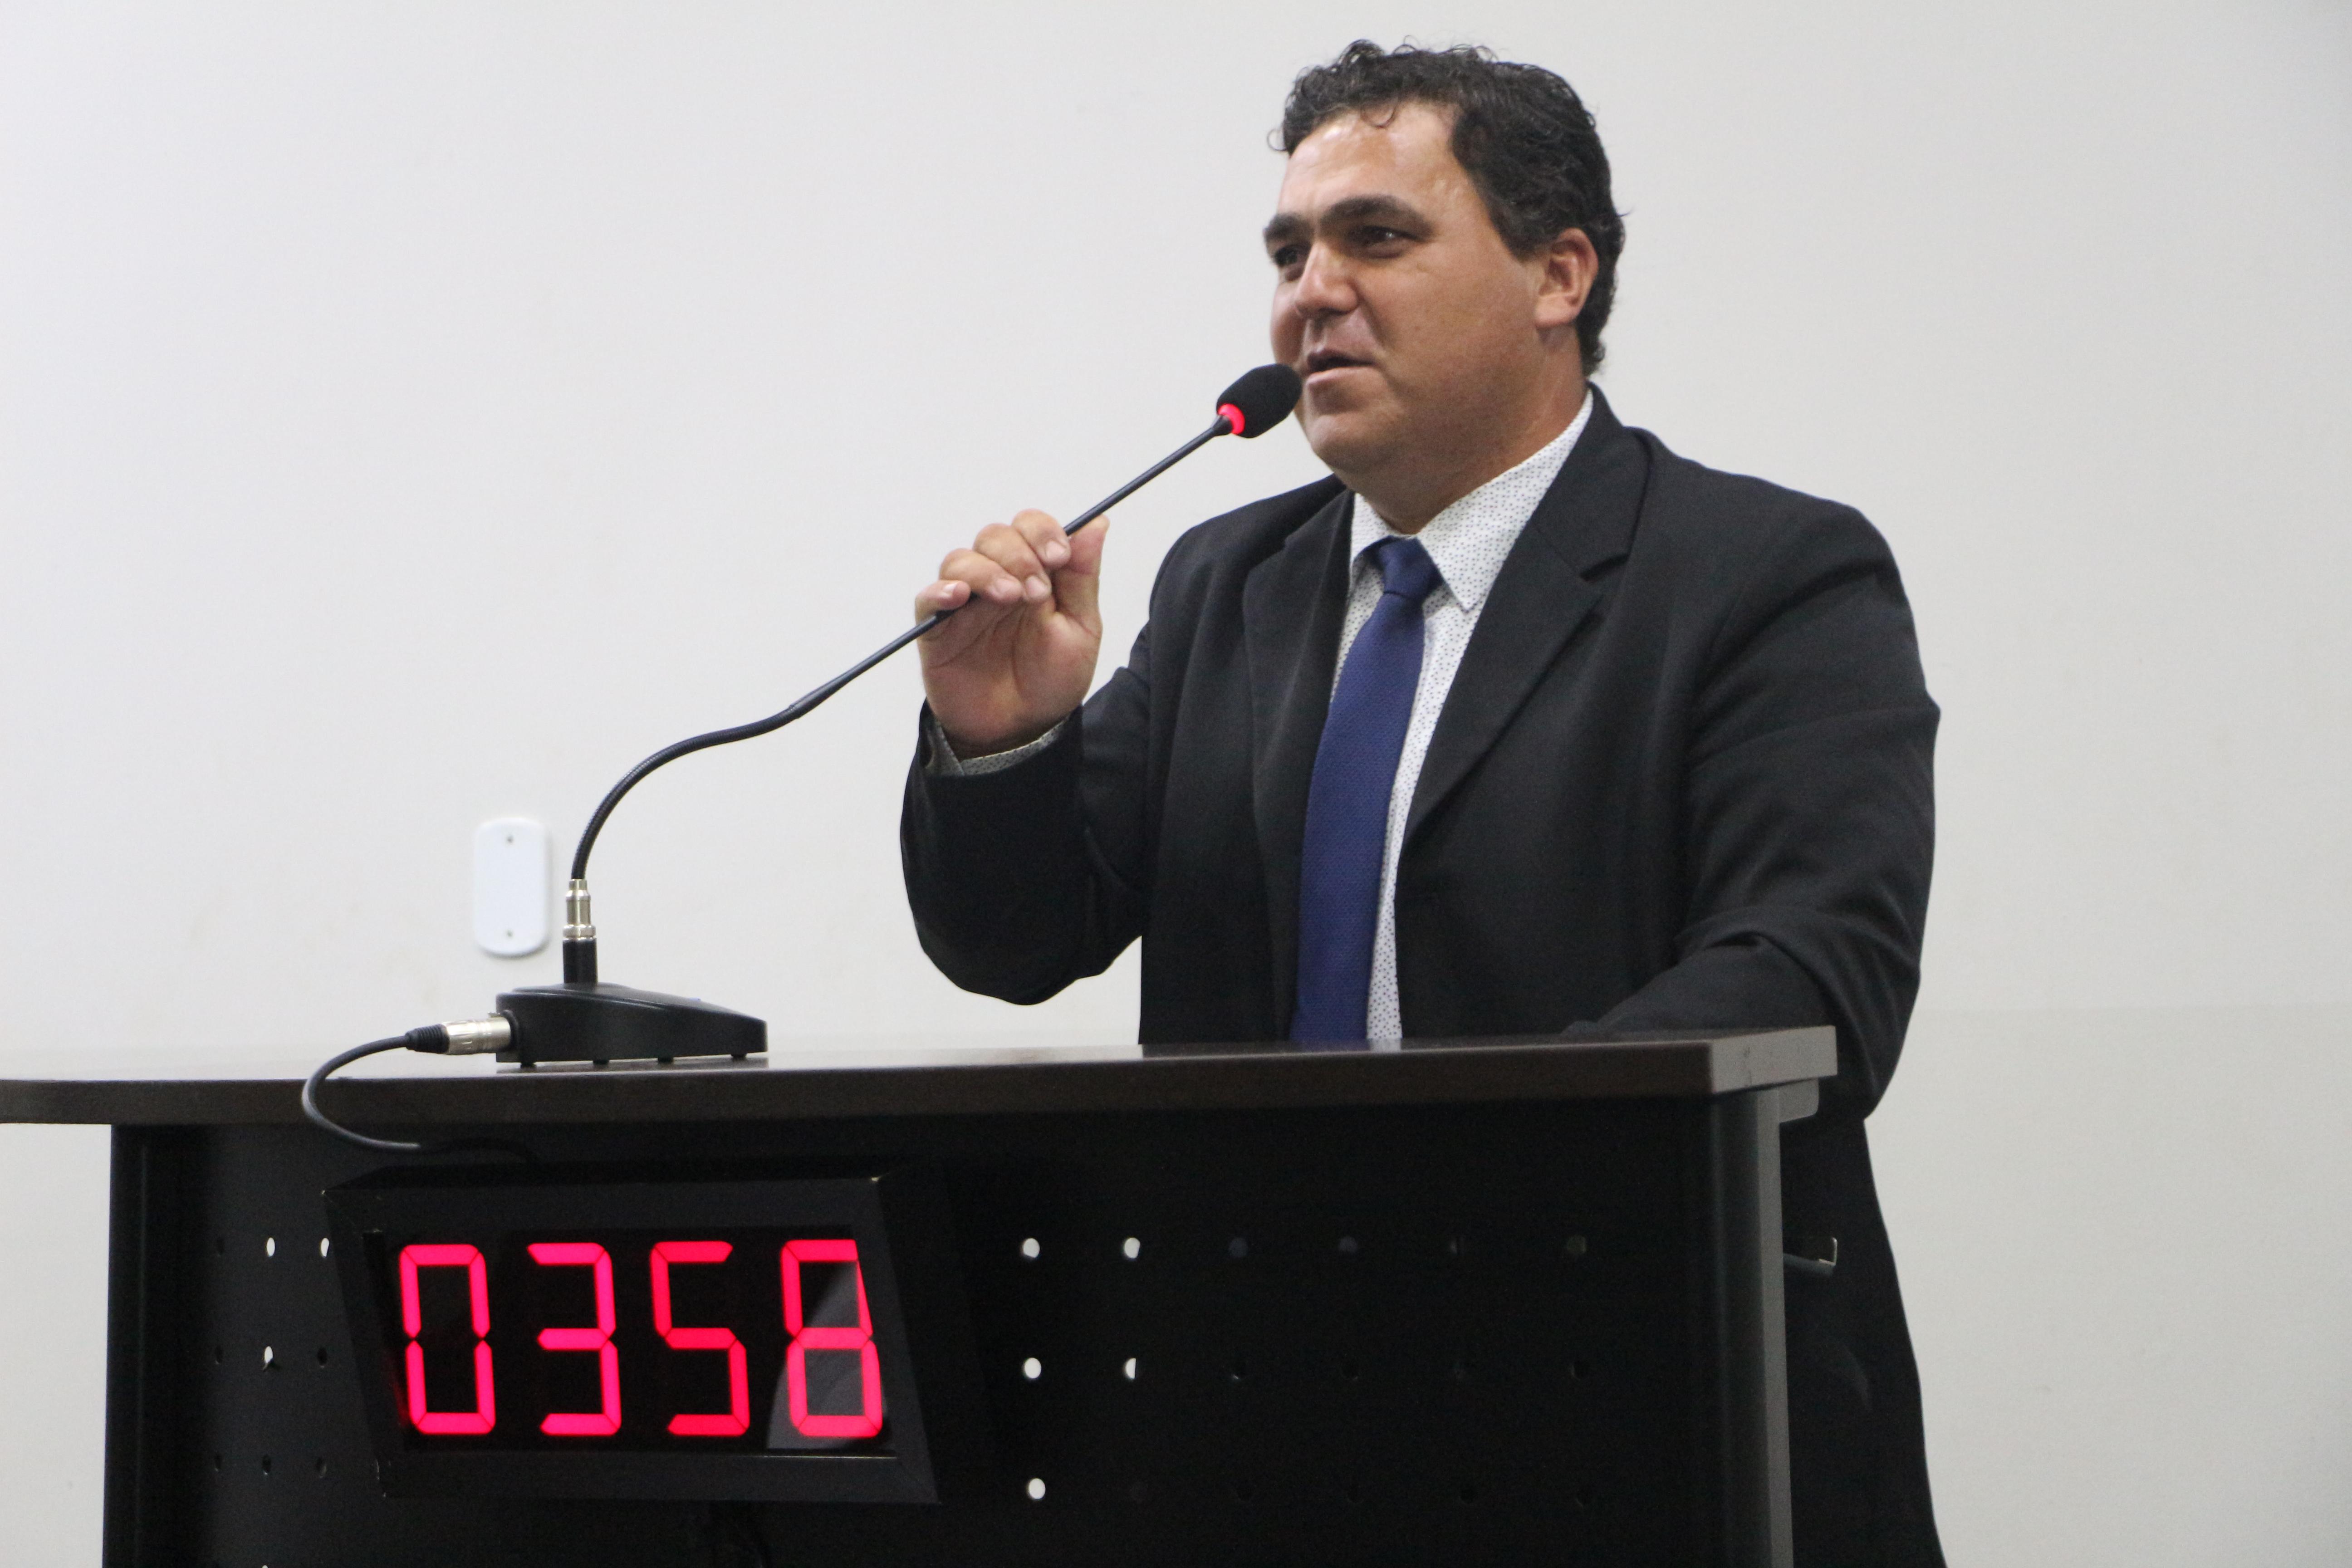 Deildo solicita iluminação pública na Rua Anaurilândia